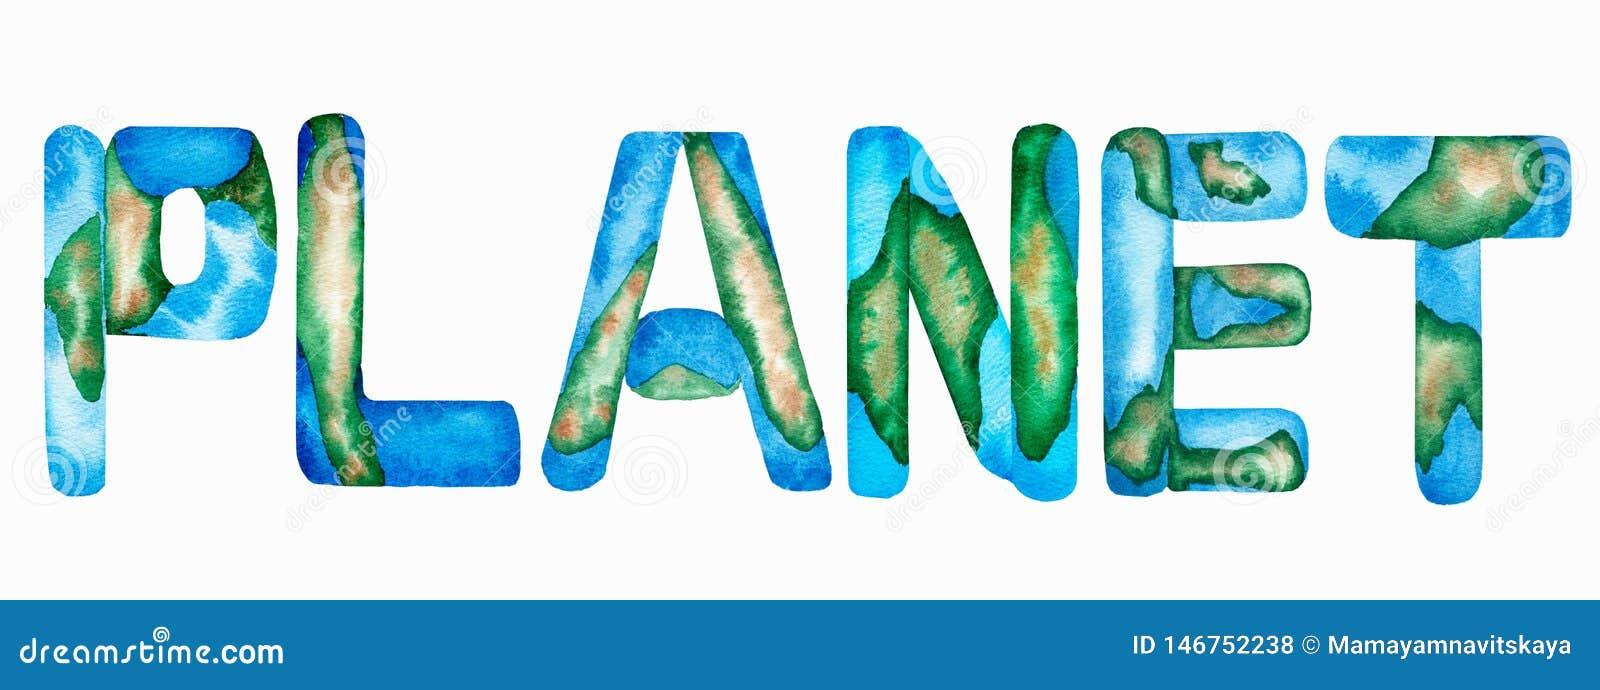 Wort 'PLANETEN'Aufschrift in der blauen und grünen Farbe Buchstaben, welche die Erde und den blauen Ozean nachahmen Beschriftungs